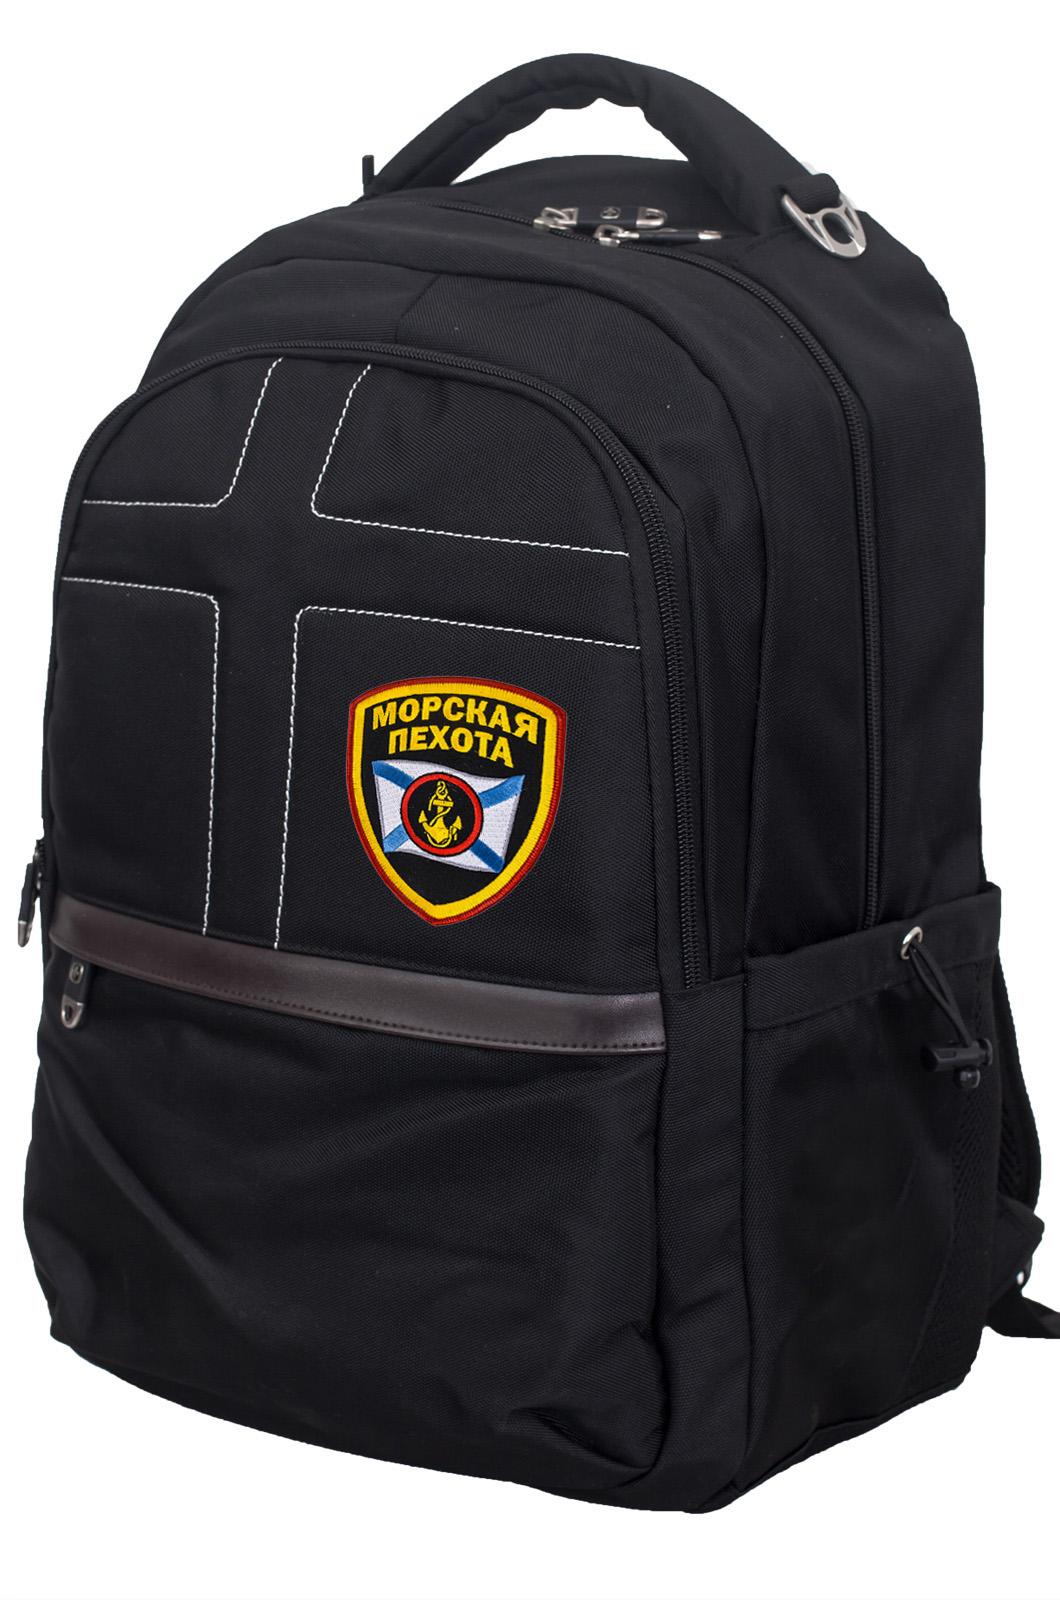 Компактный и прочный городской рюкзак МОРСКАЯ ПЕХОТА